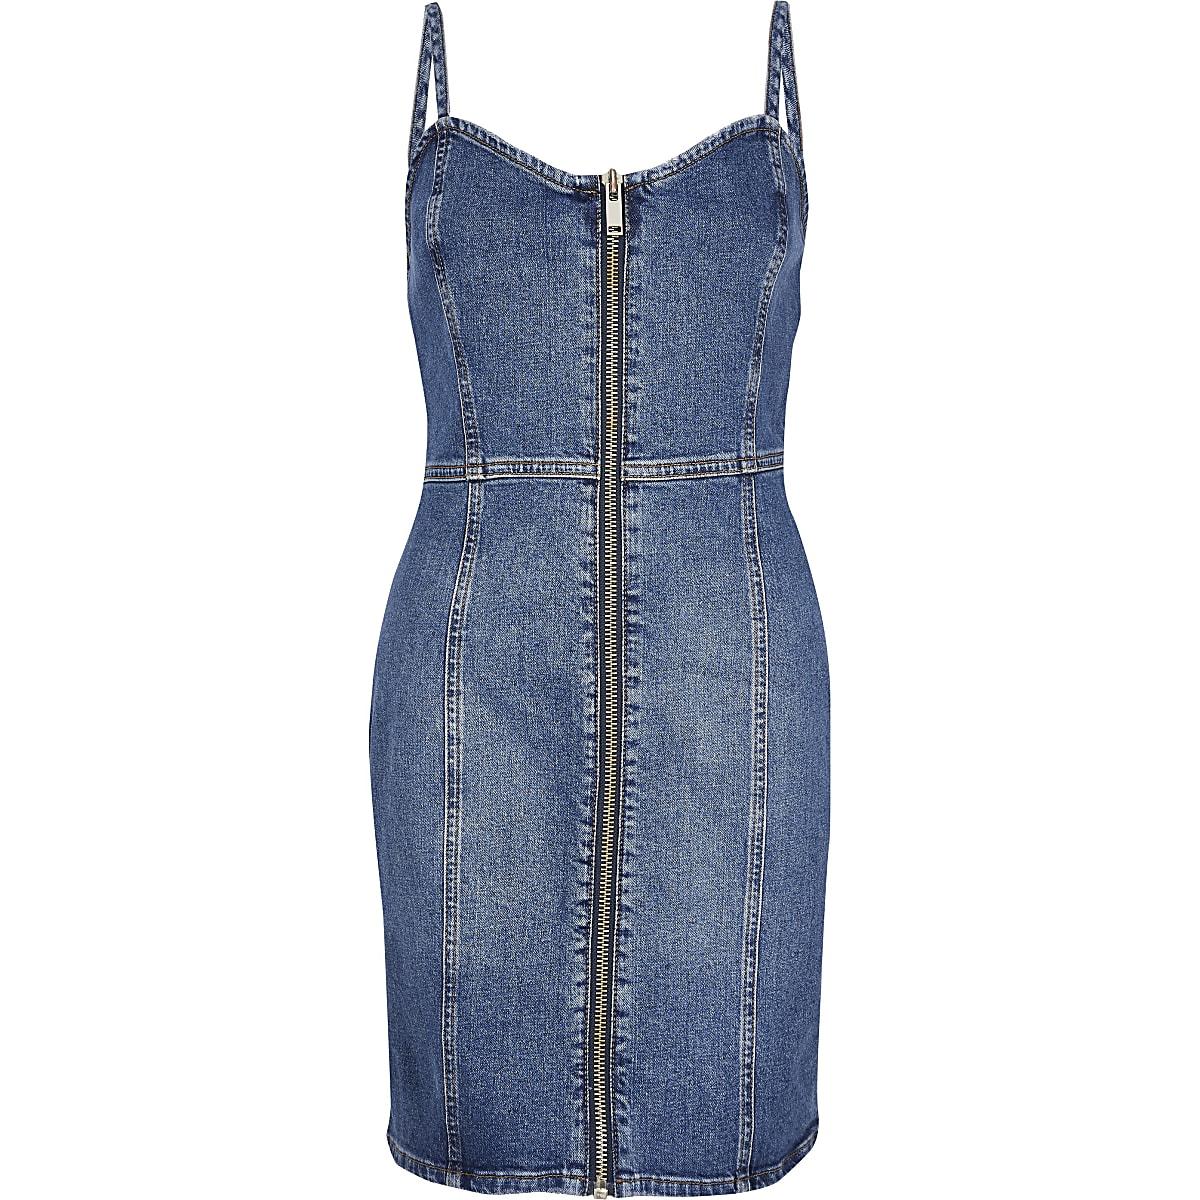 ab8346957de Home · Women · Dresses  Mid blue denim pinafore dress. Mid blue denim  pinafore dress ...